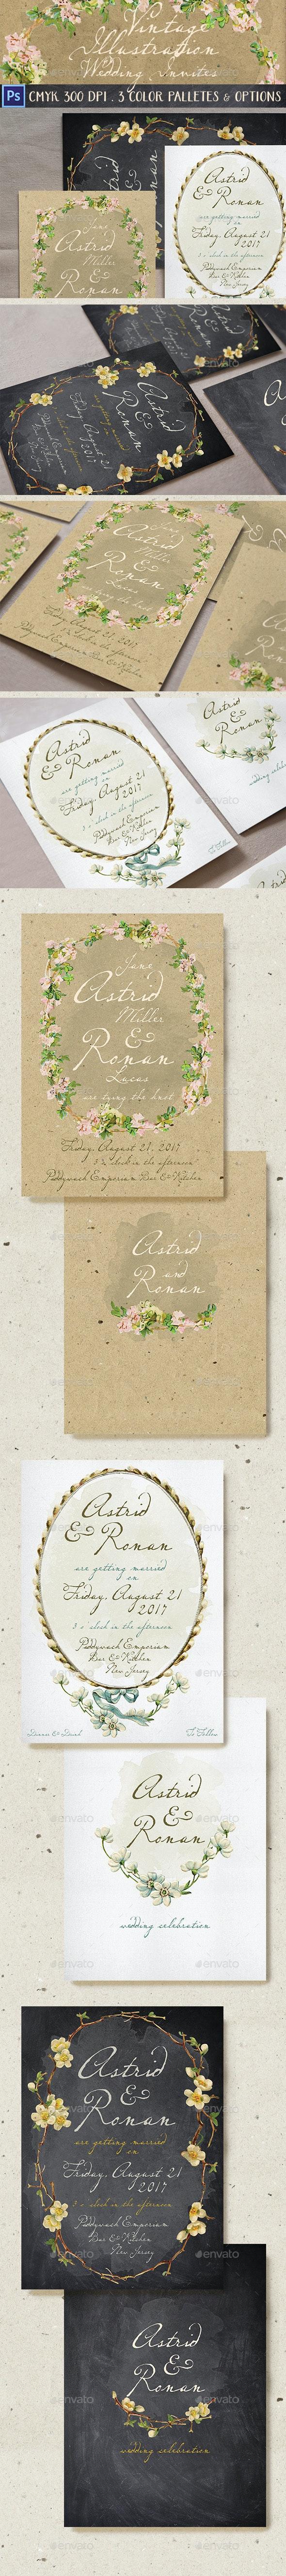 Vintage Illustration Wedding Invitation - Weddings Cards & Invites